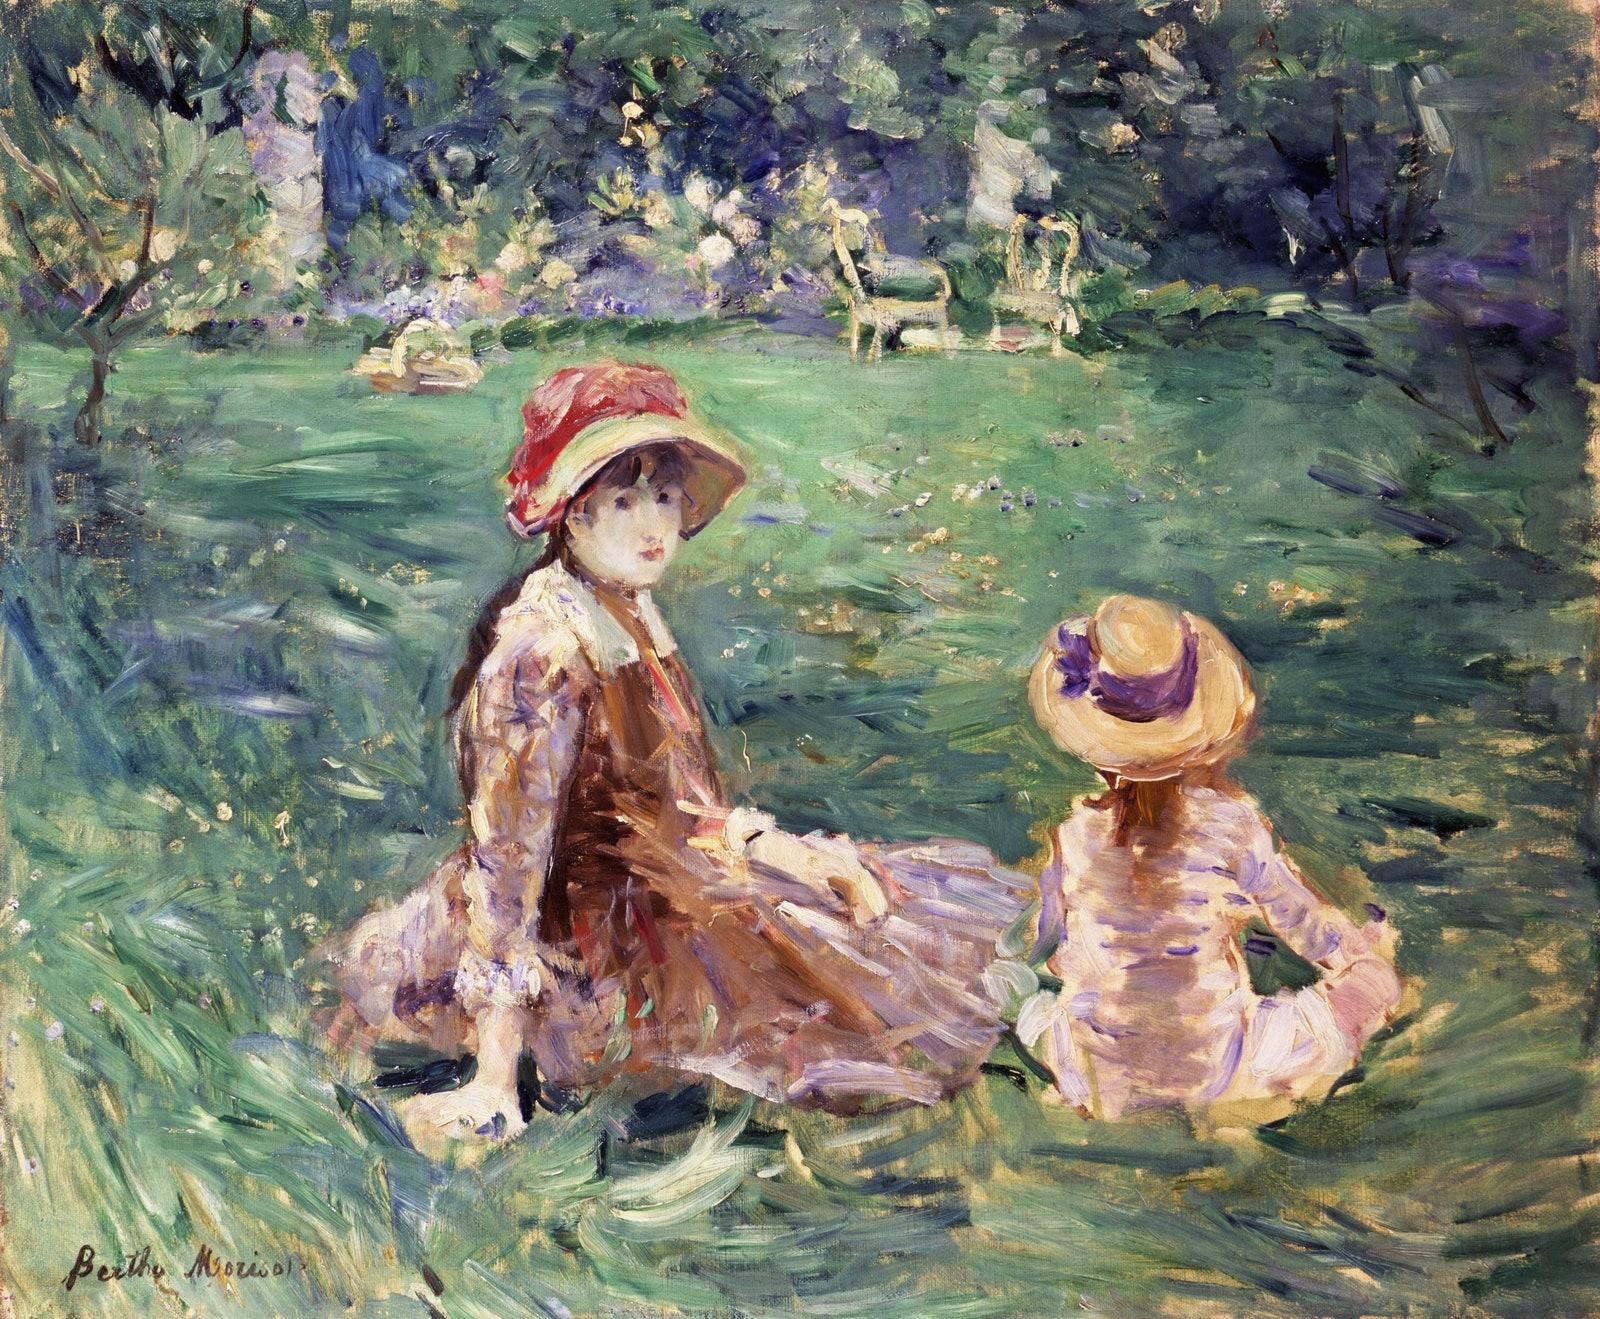 Berthe Morisot,The Garden at Maurecourt, ca. 1884